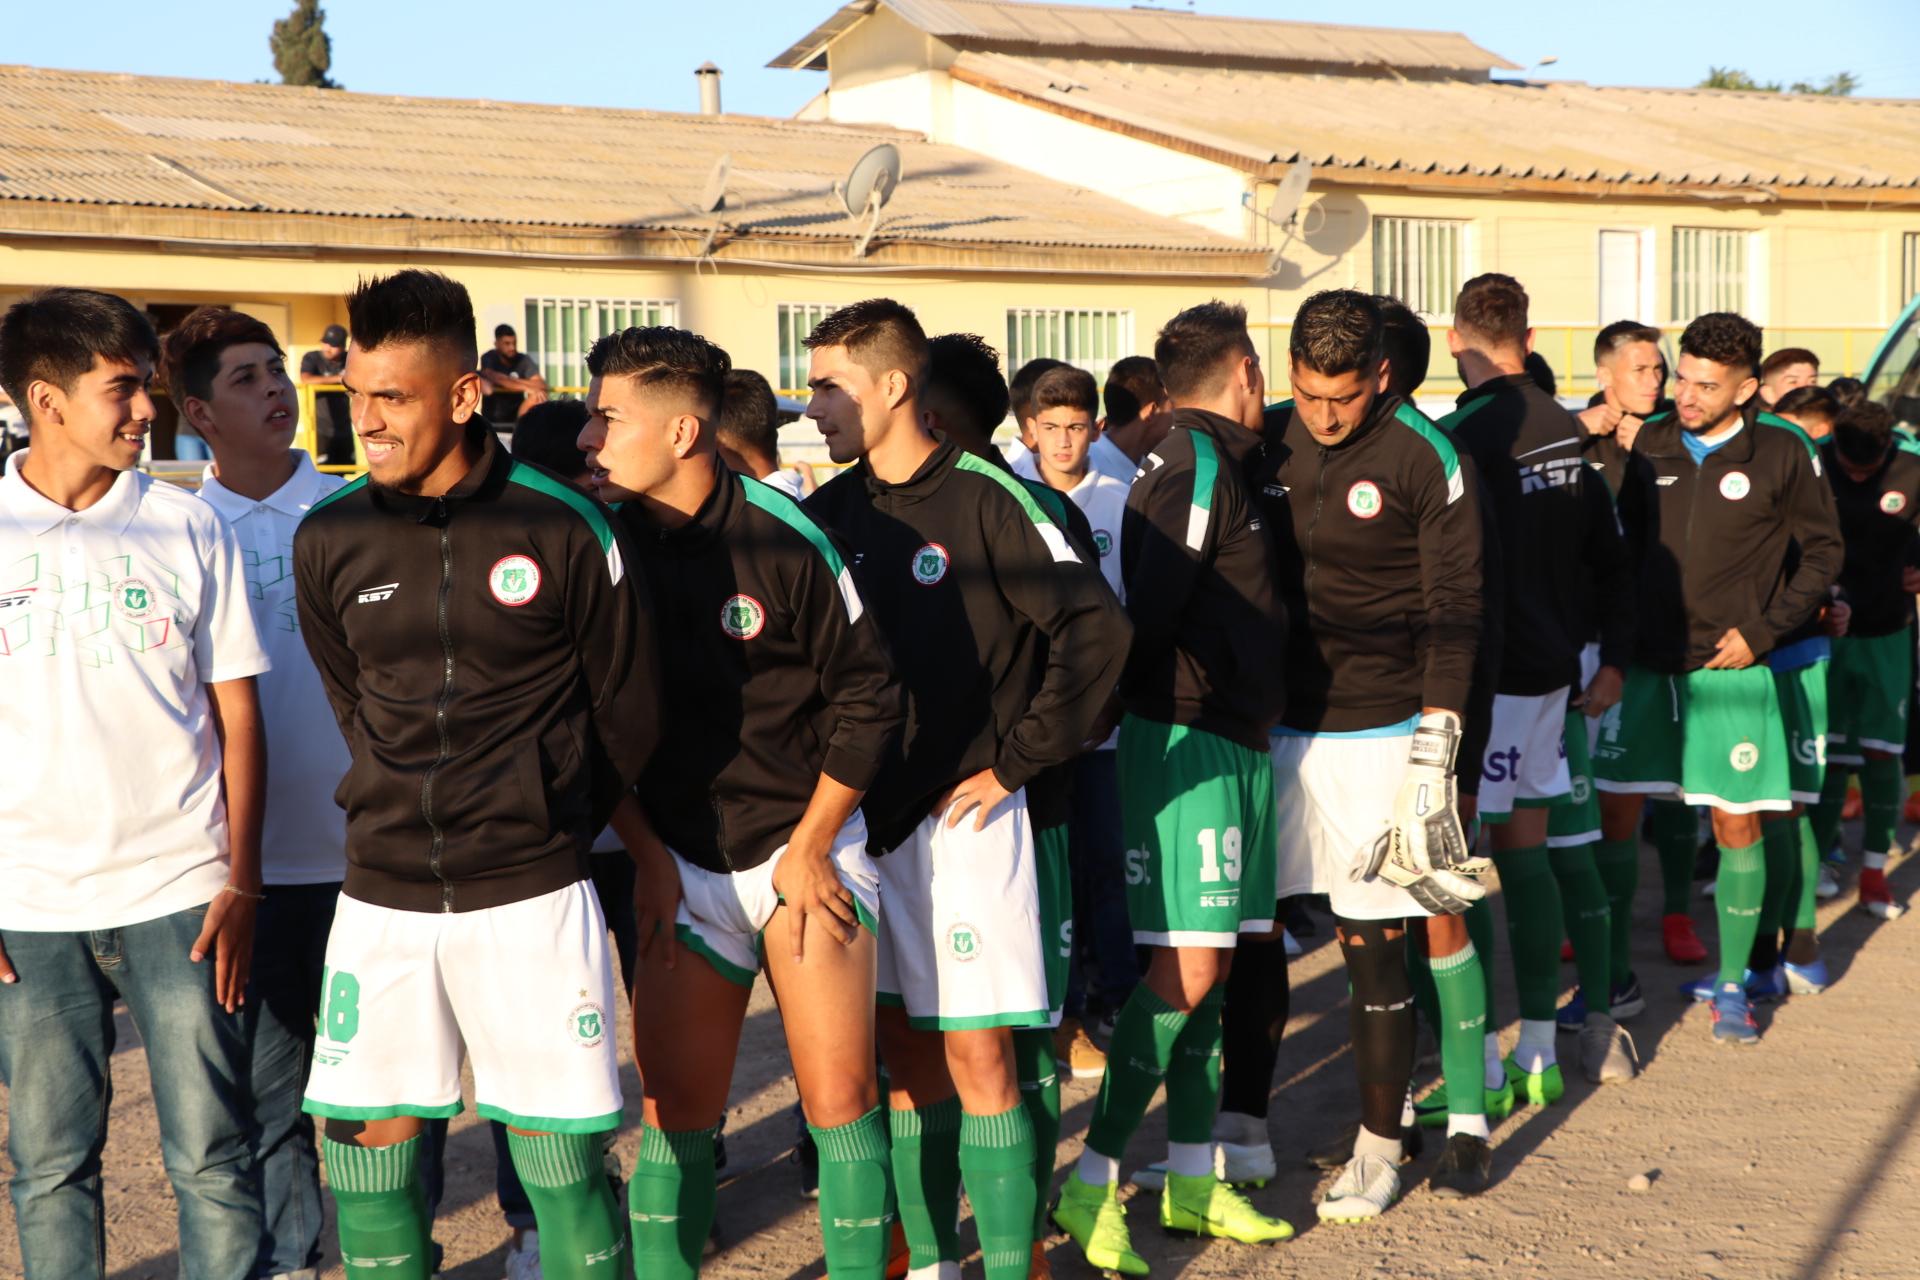 Deportes Vallenar con ultimátum en Tercera: debe presentar autorización sanitaria del estadio municipal